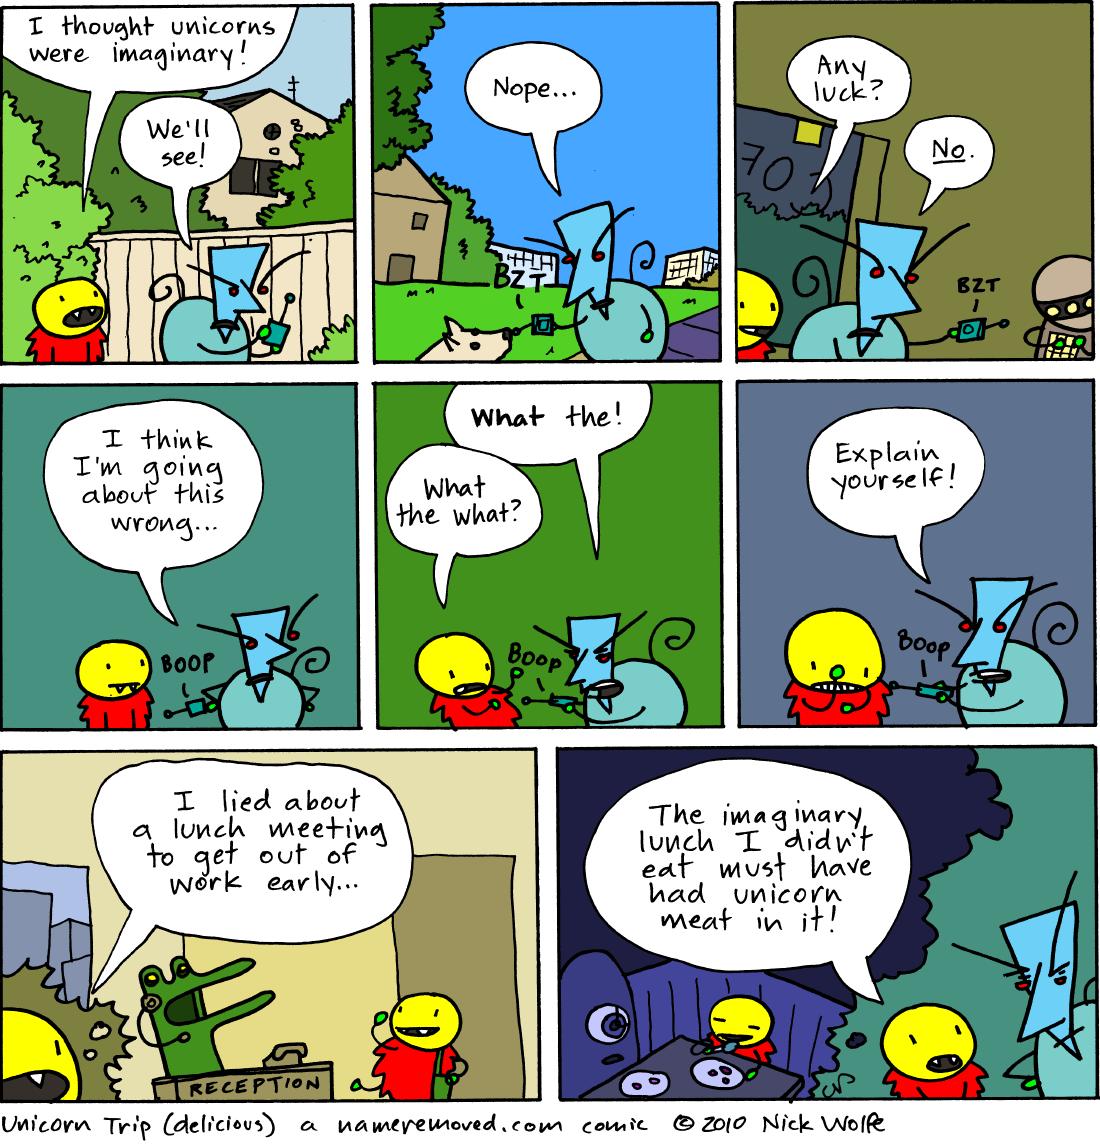 Unicorn Trip (delicious)